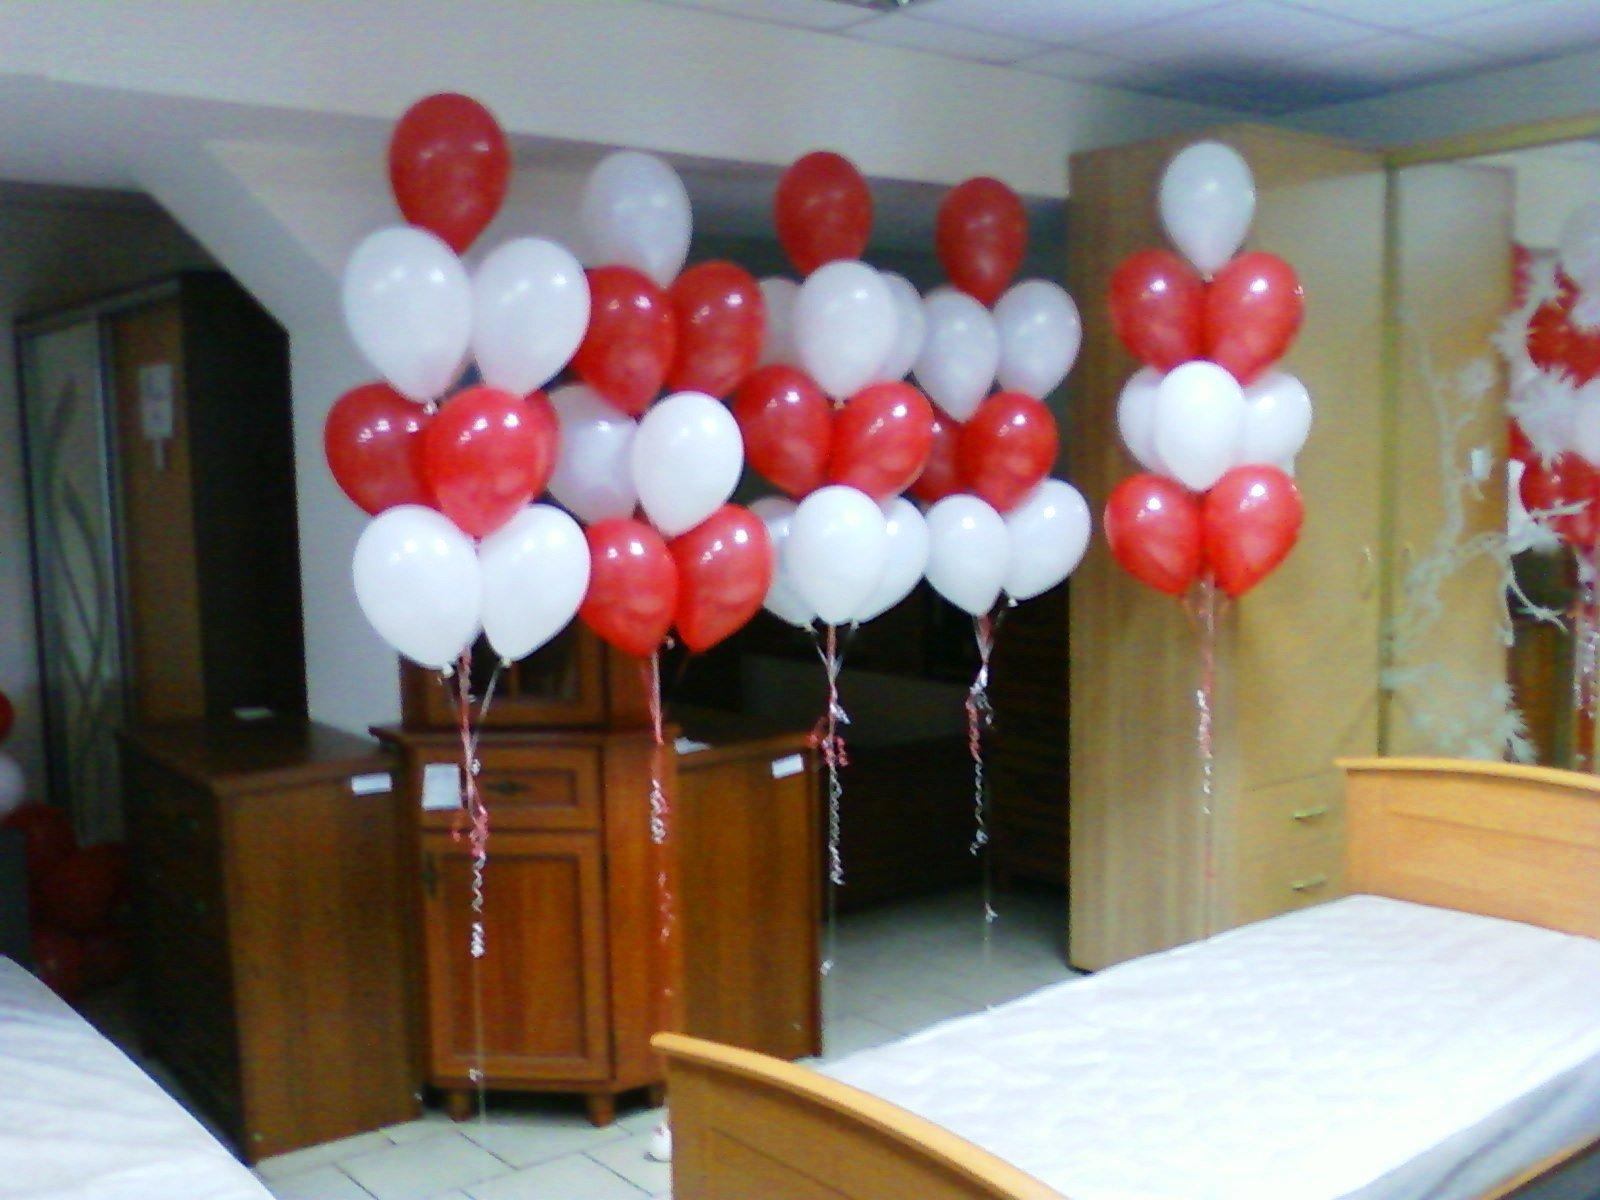 Открытие мебельного магазина - букеты из шаров